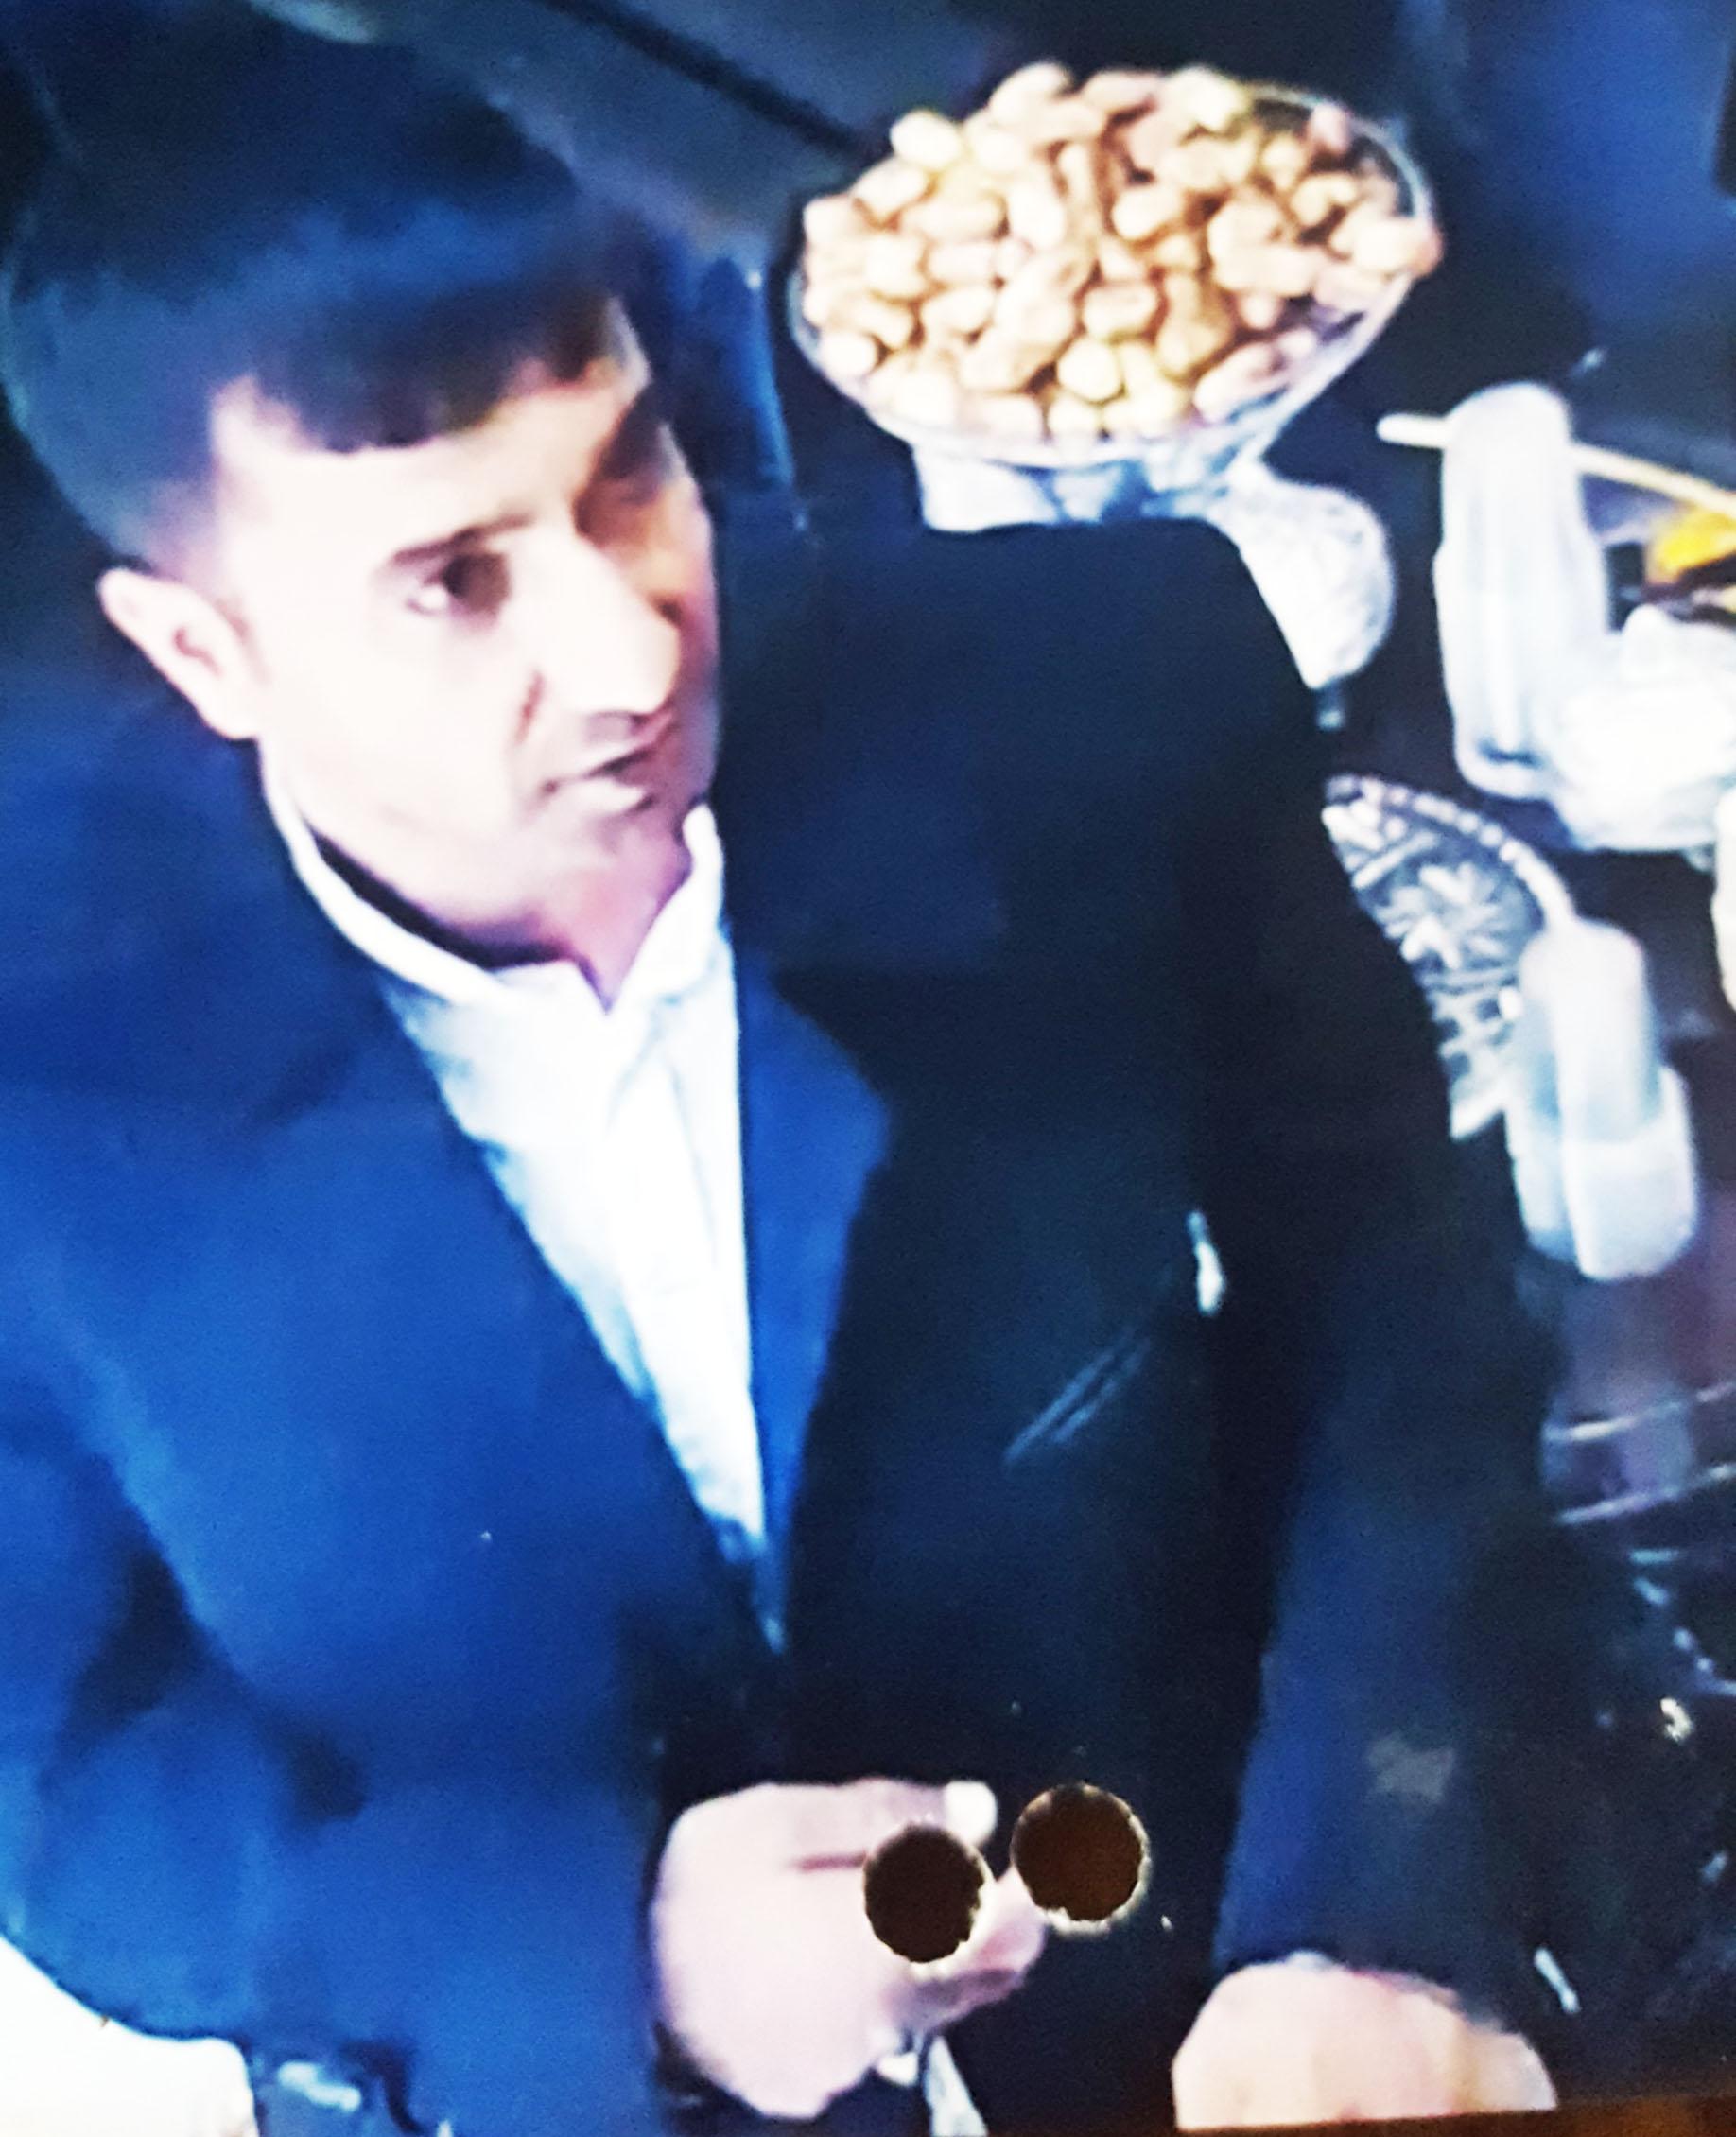 دزدها ساعت ارزان قیمت را به پیرمردی 120 میلیون قالب کردند!/ کلاهبرداران را شناسایی کنید (+عکس)